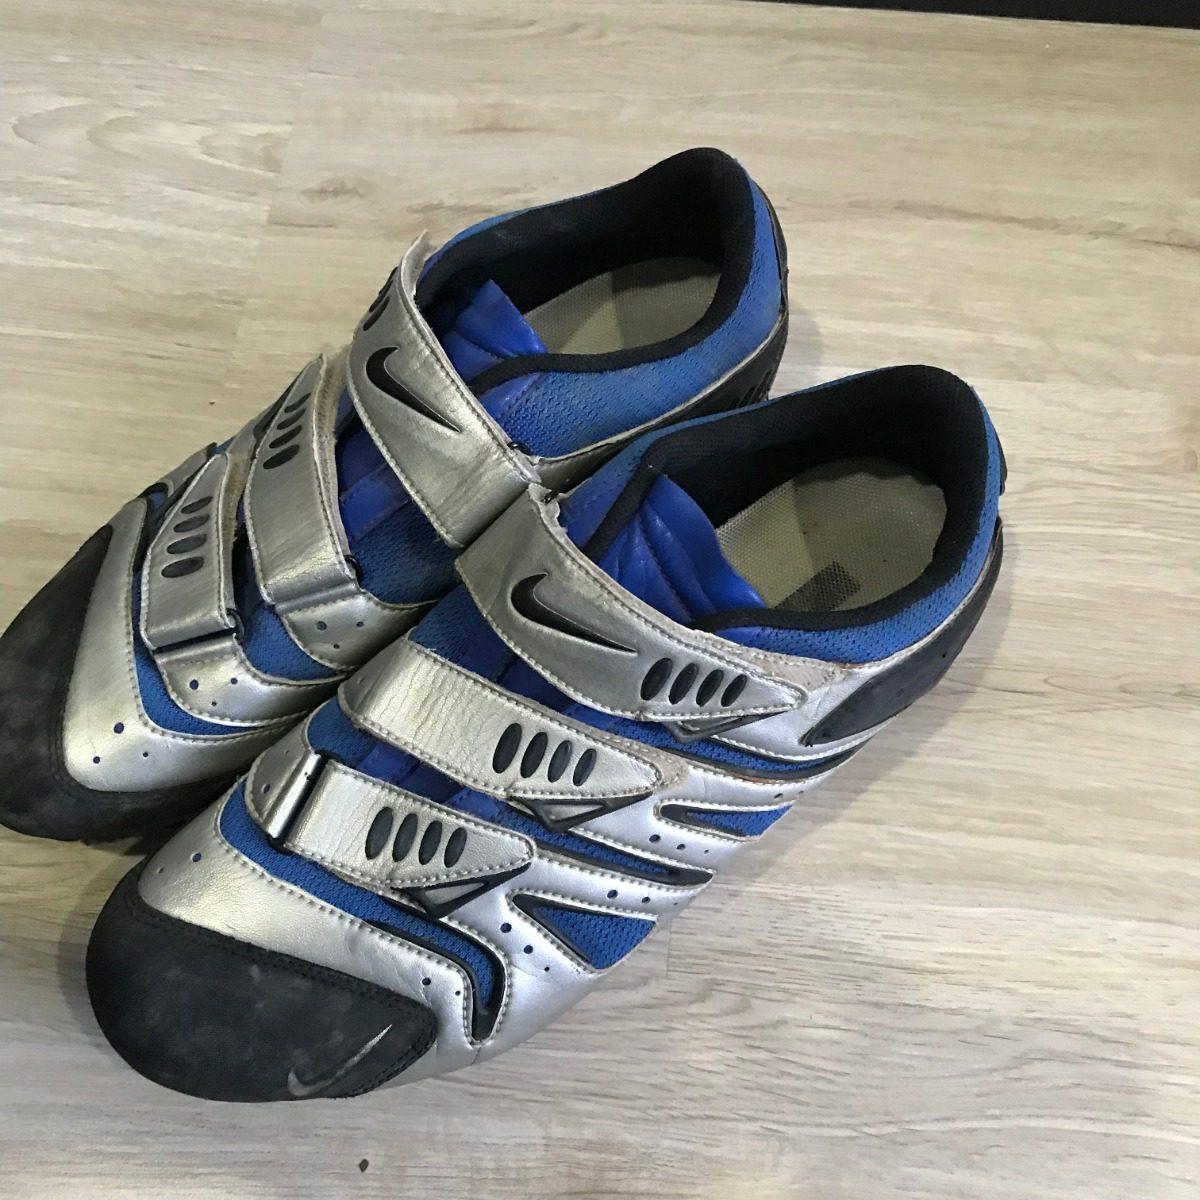 290 Hombres Mtb 000 Para De Nike Talla 12 Pro Ciclismo Zapatos xAwYdTzqa f9fa58d1845e